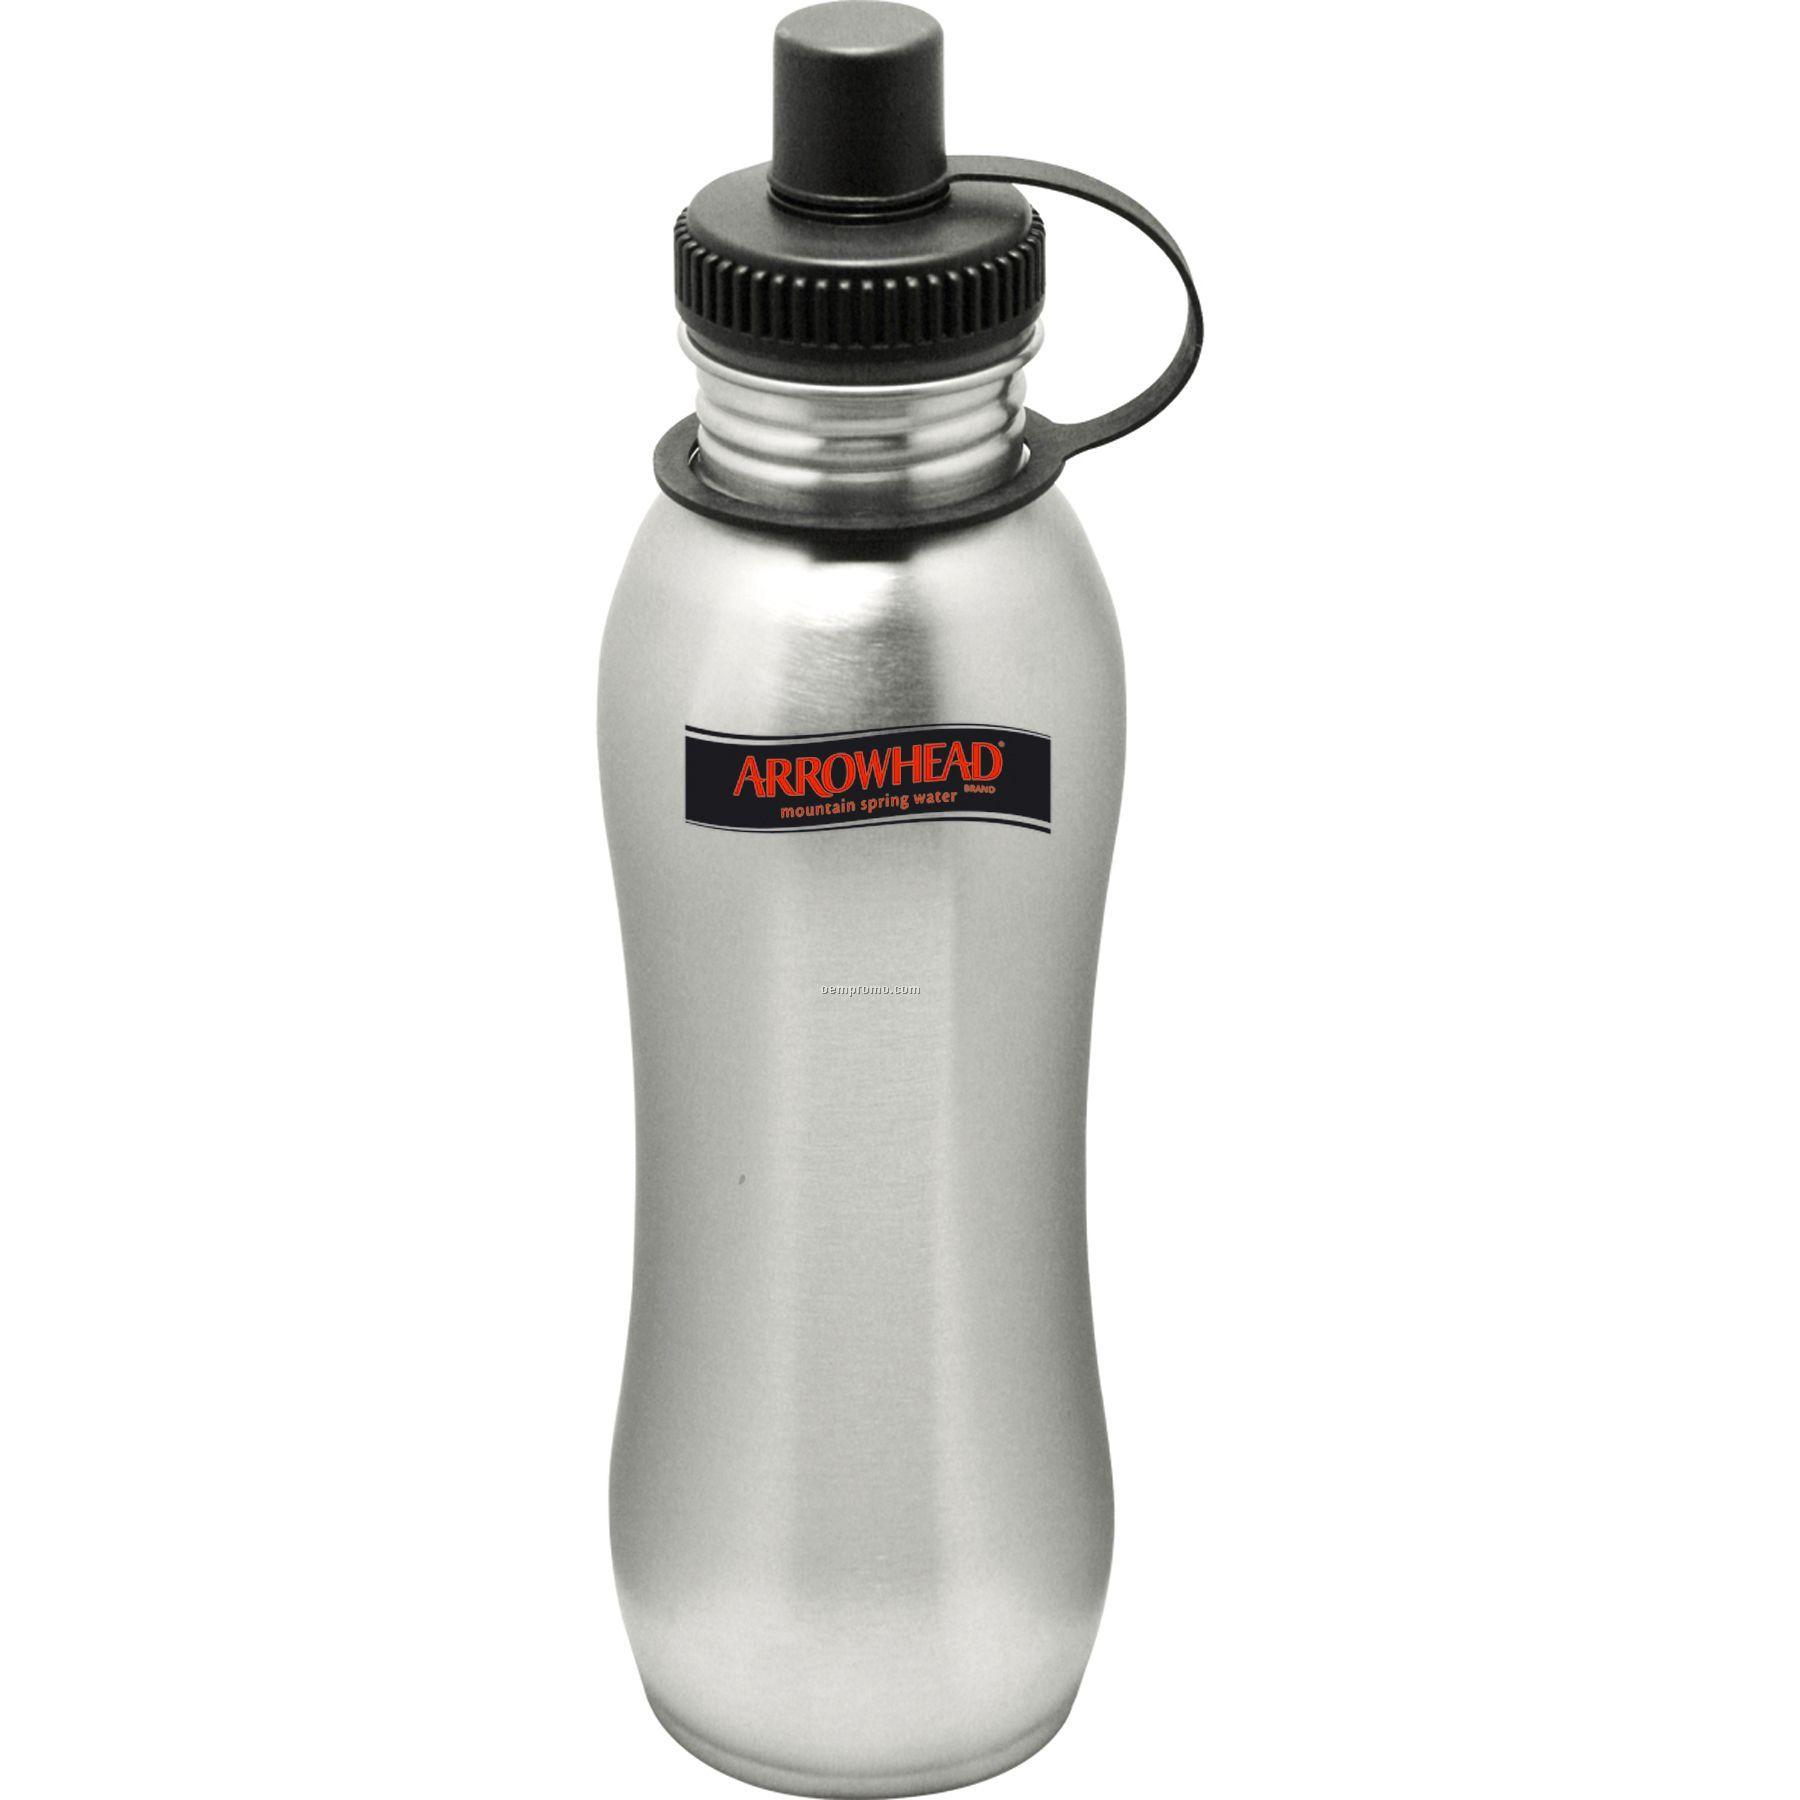 Sbs99 - 22 Oz. Stainless Steel Sport Bottle